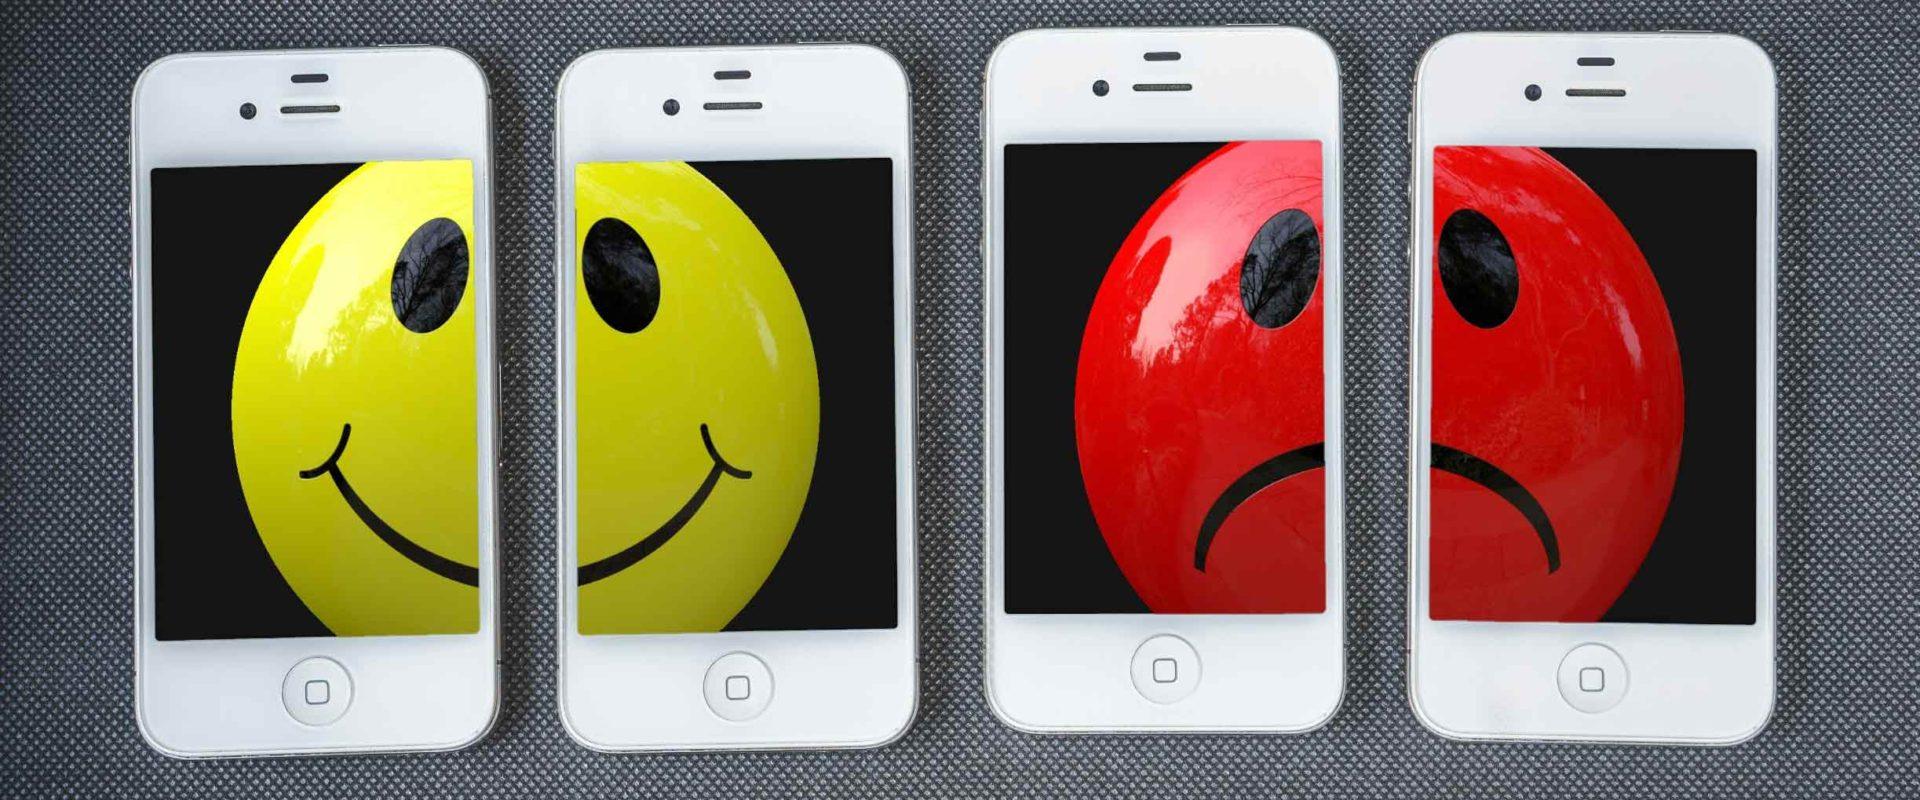 Permalink zu:Handyversicherung – sinnvoll oder nicht?